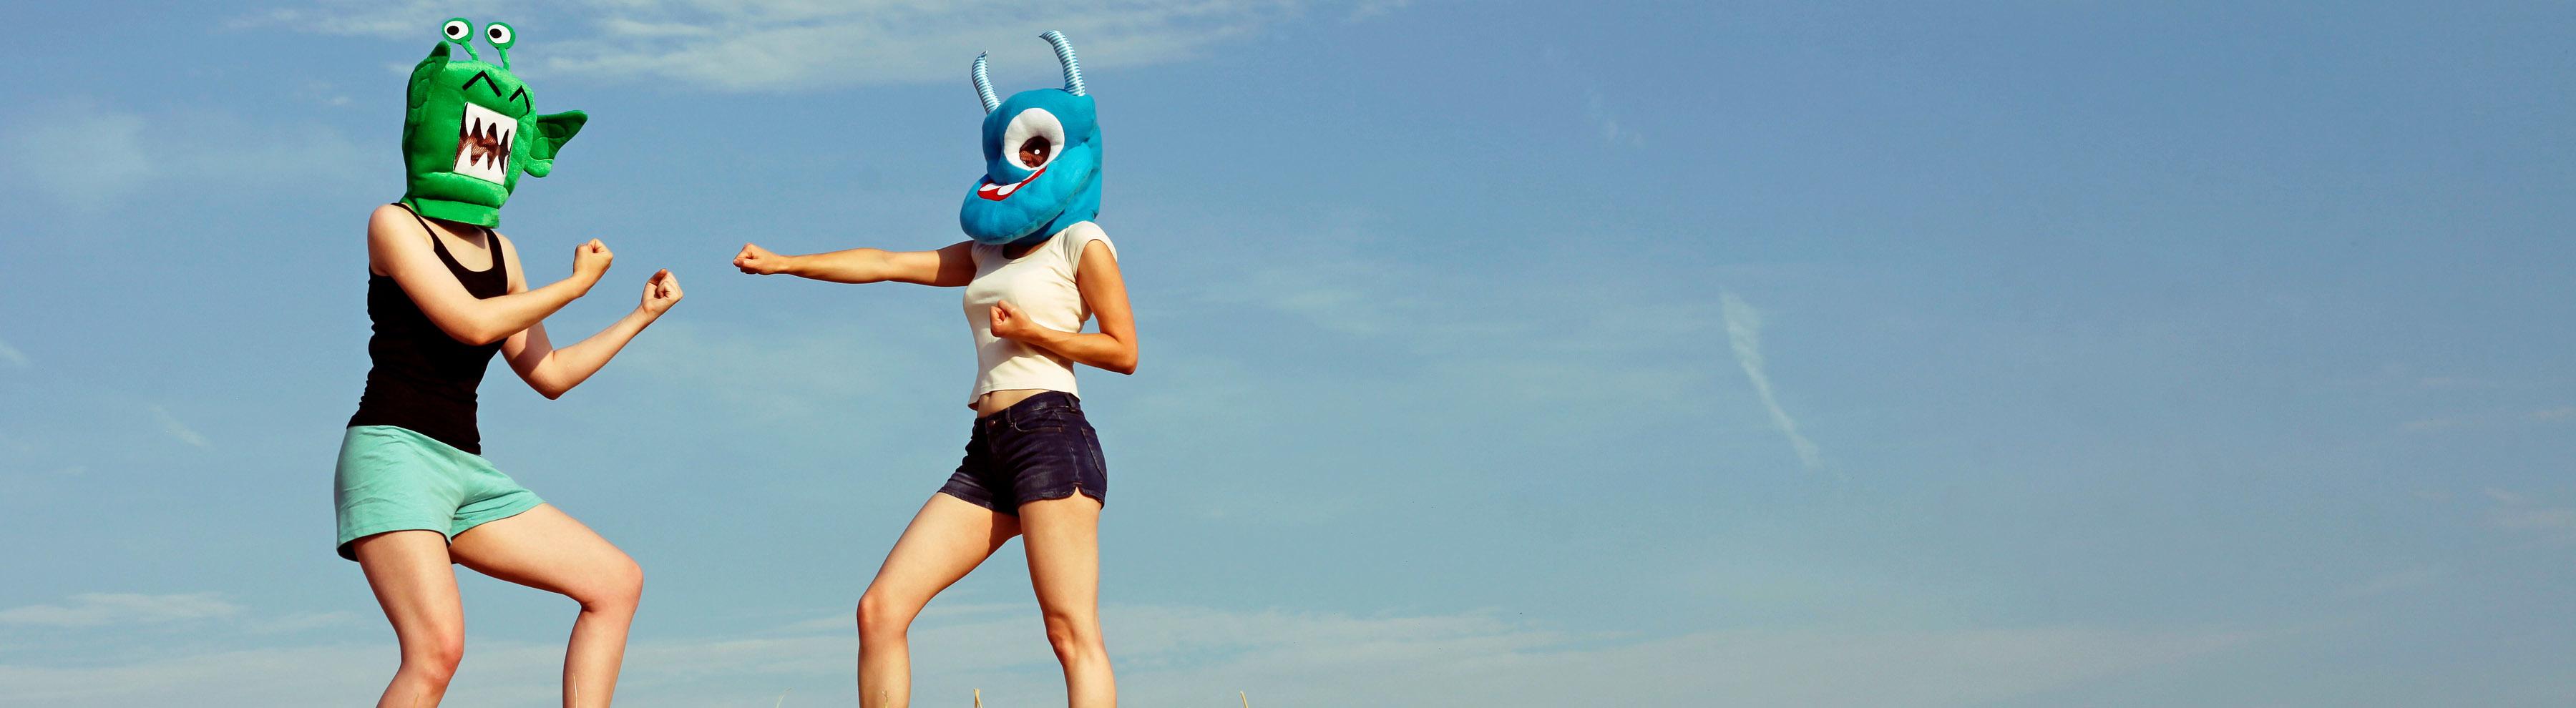 Zwei Menschen mit Monstermasken boxen.